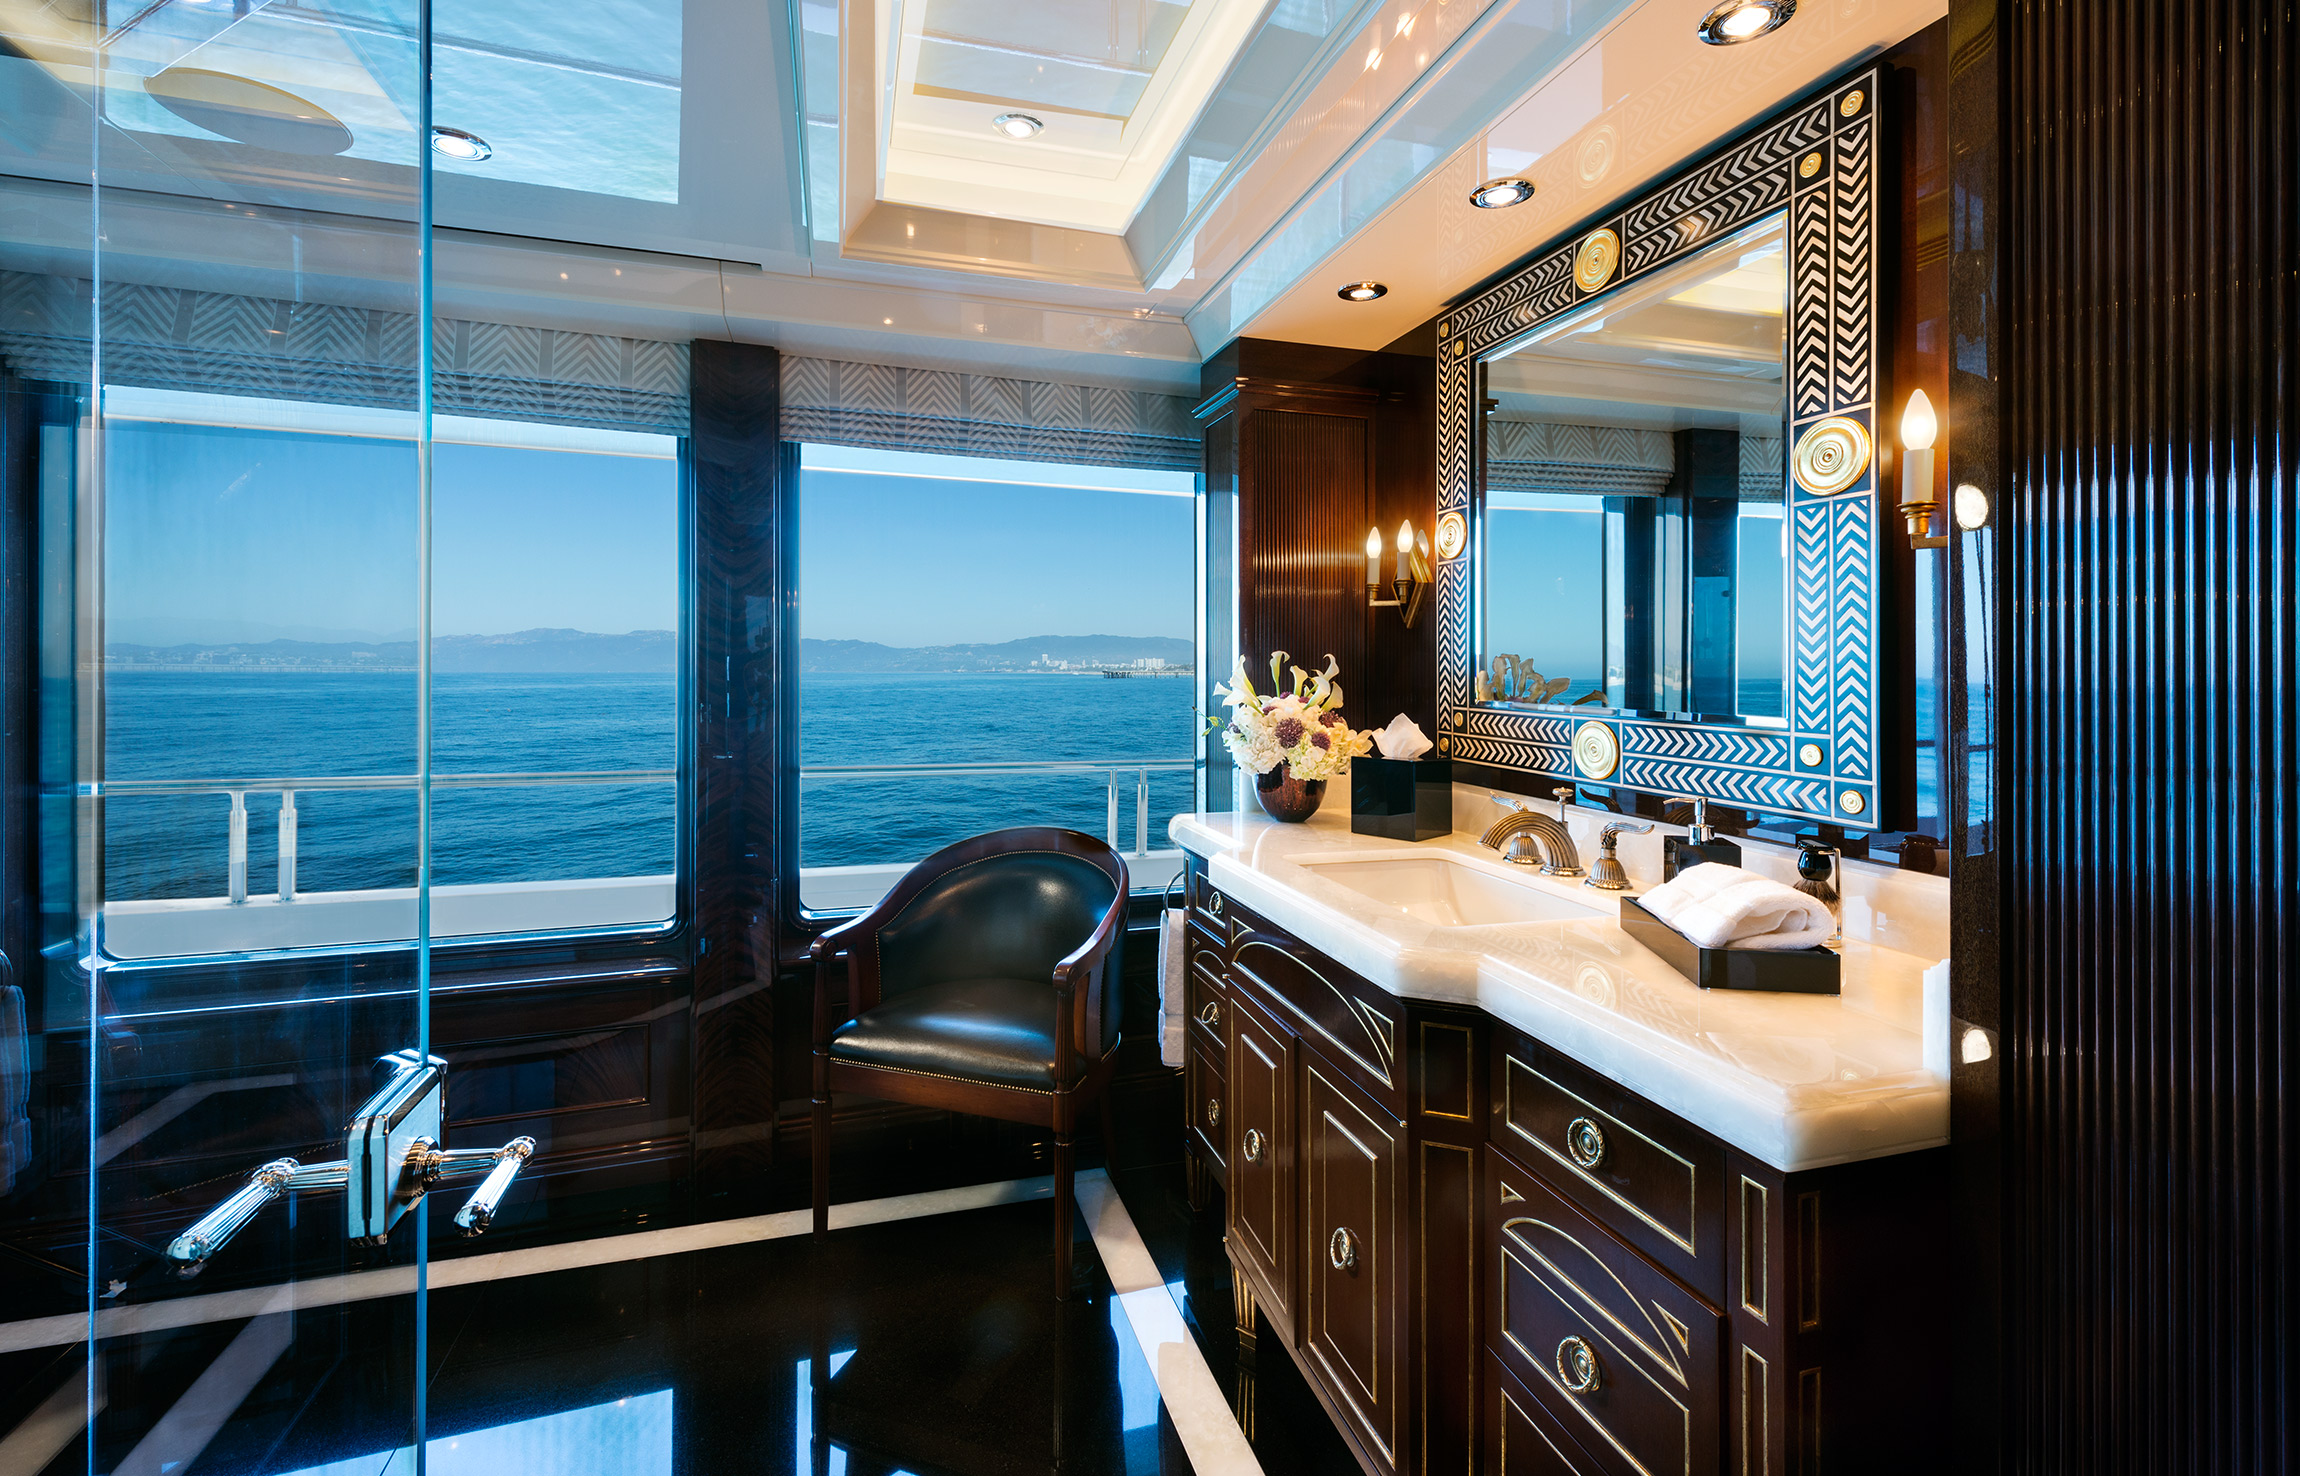 Owner Bathroom - His